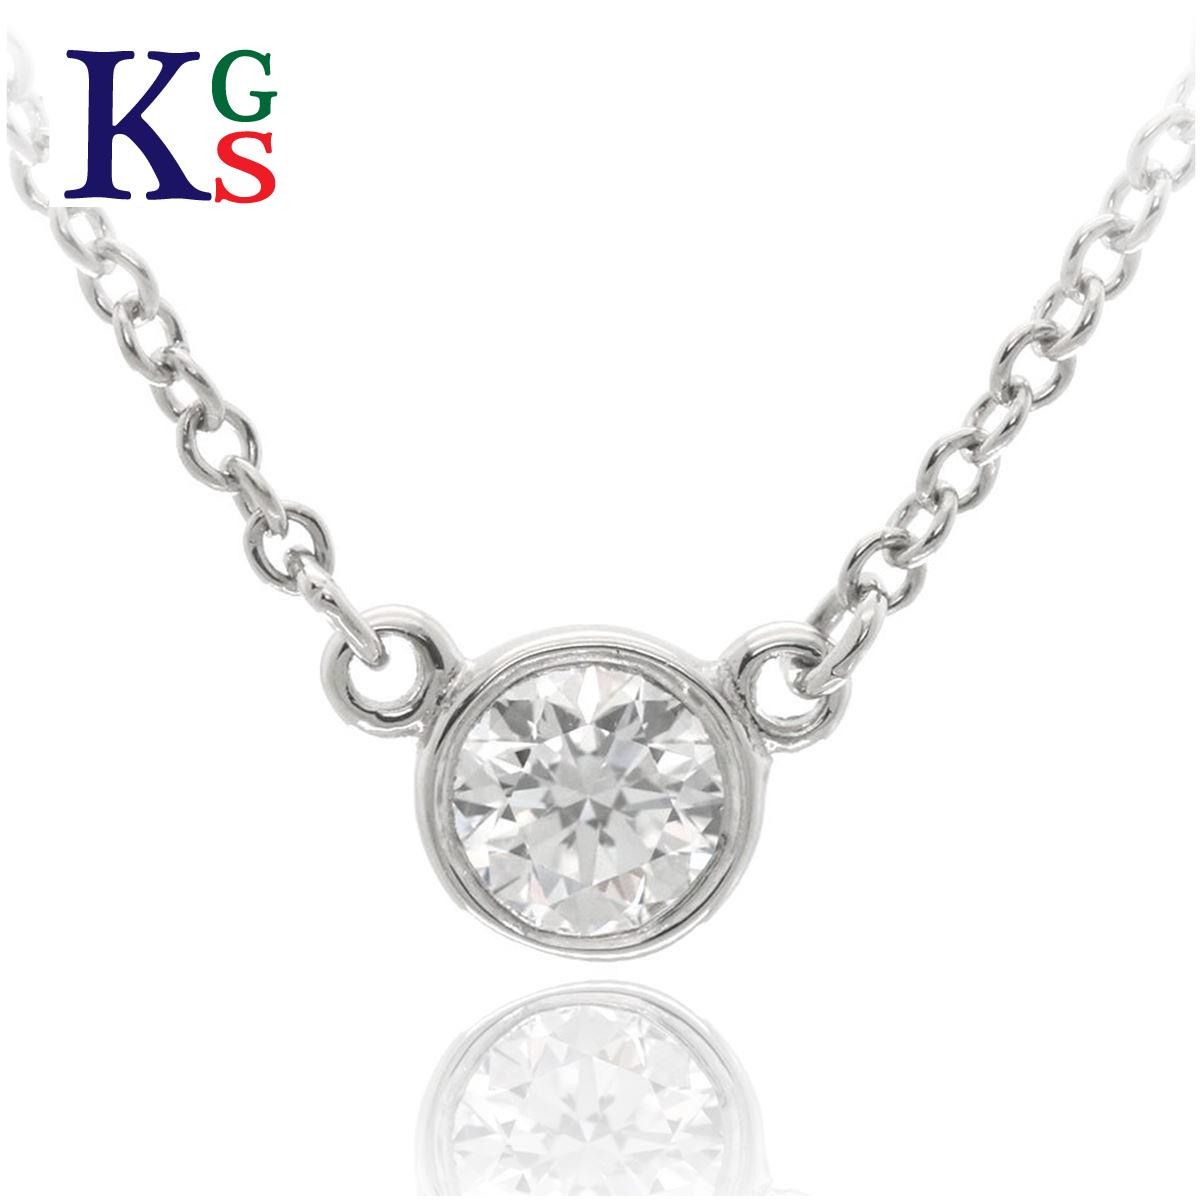 【ギフト品質】ティファニー/Tiffany & Co. ジュエリー ネックレス レディース / バイザヤード Pt950 プラチナ 1Pダイヤモンド